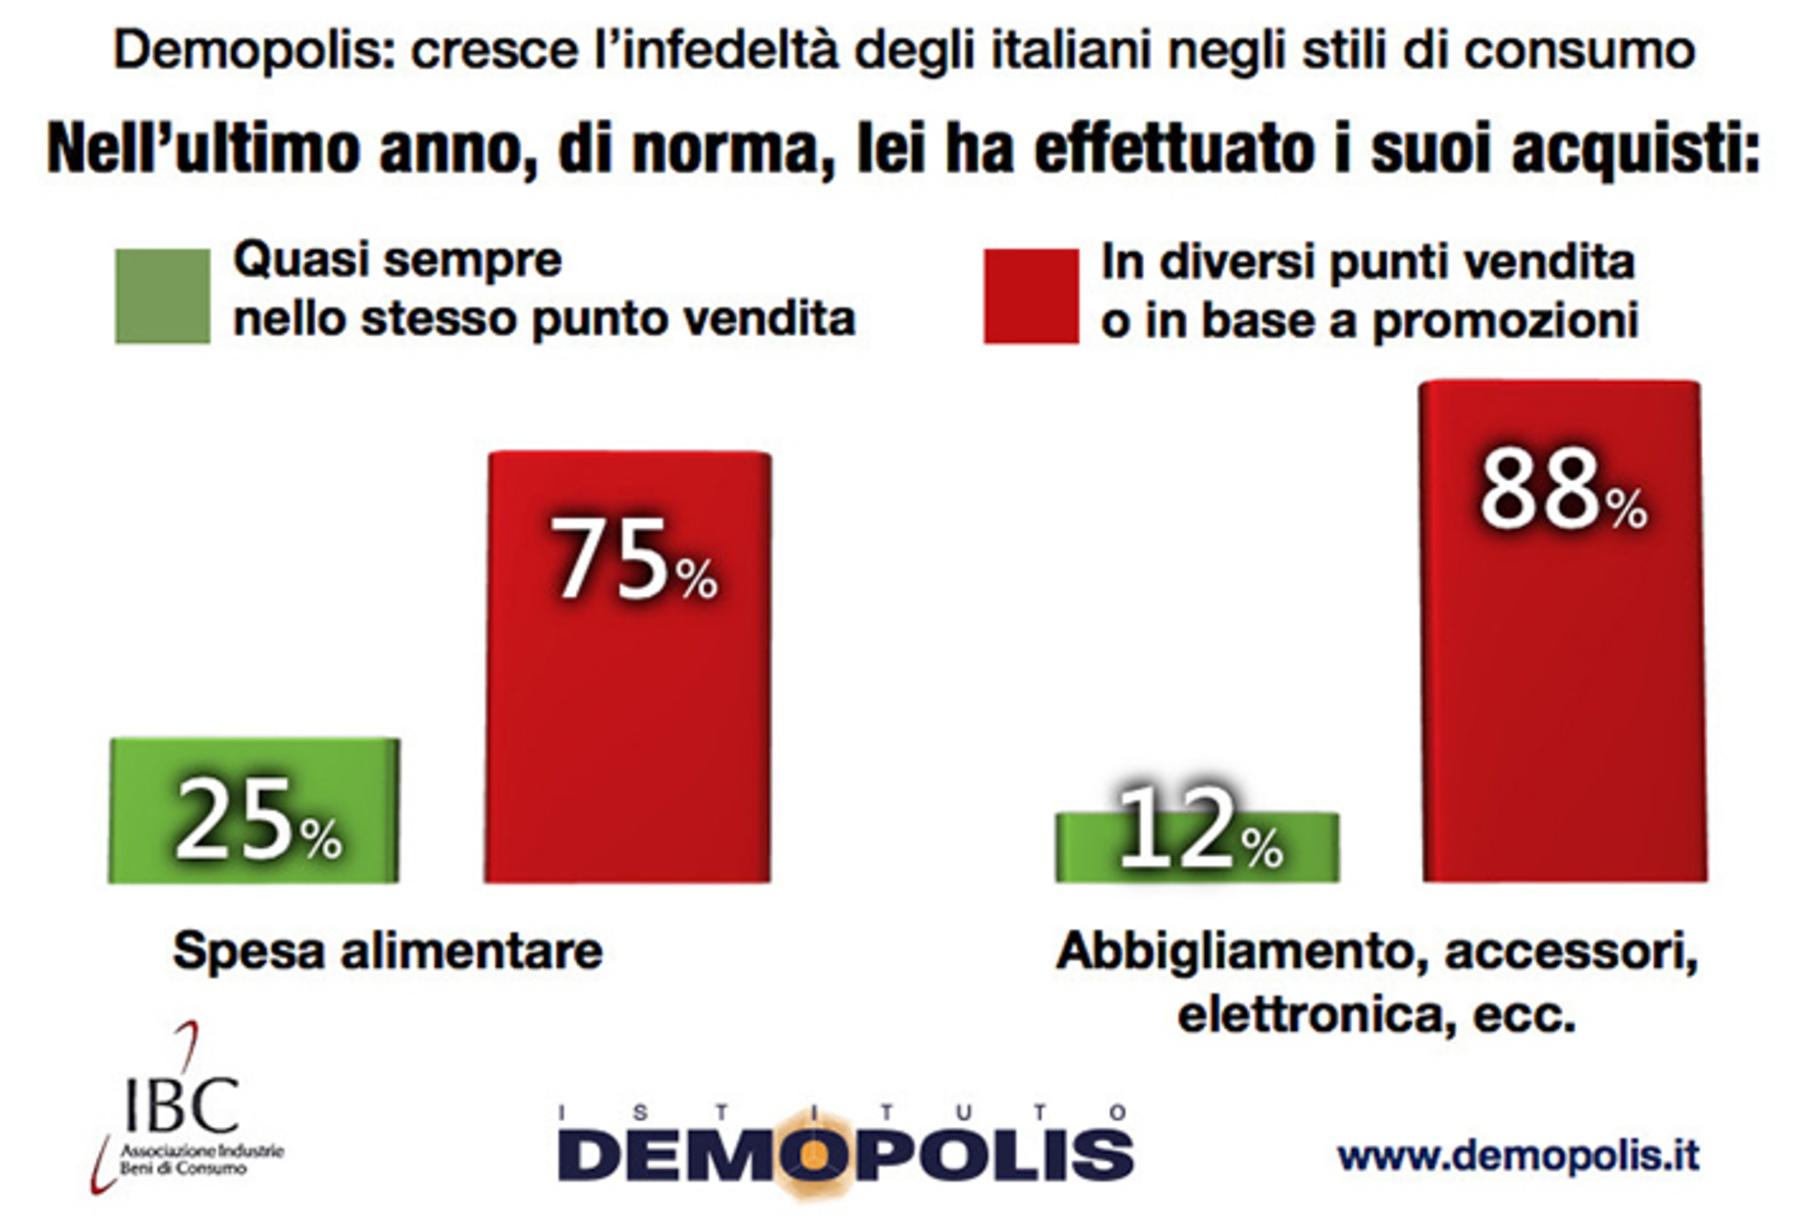 Gli italiani stanno ritrovando la fiducia. Lo dice una ricerca